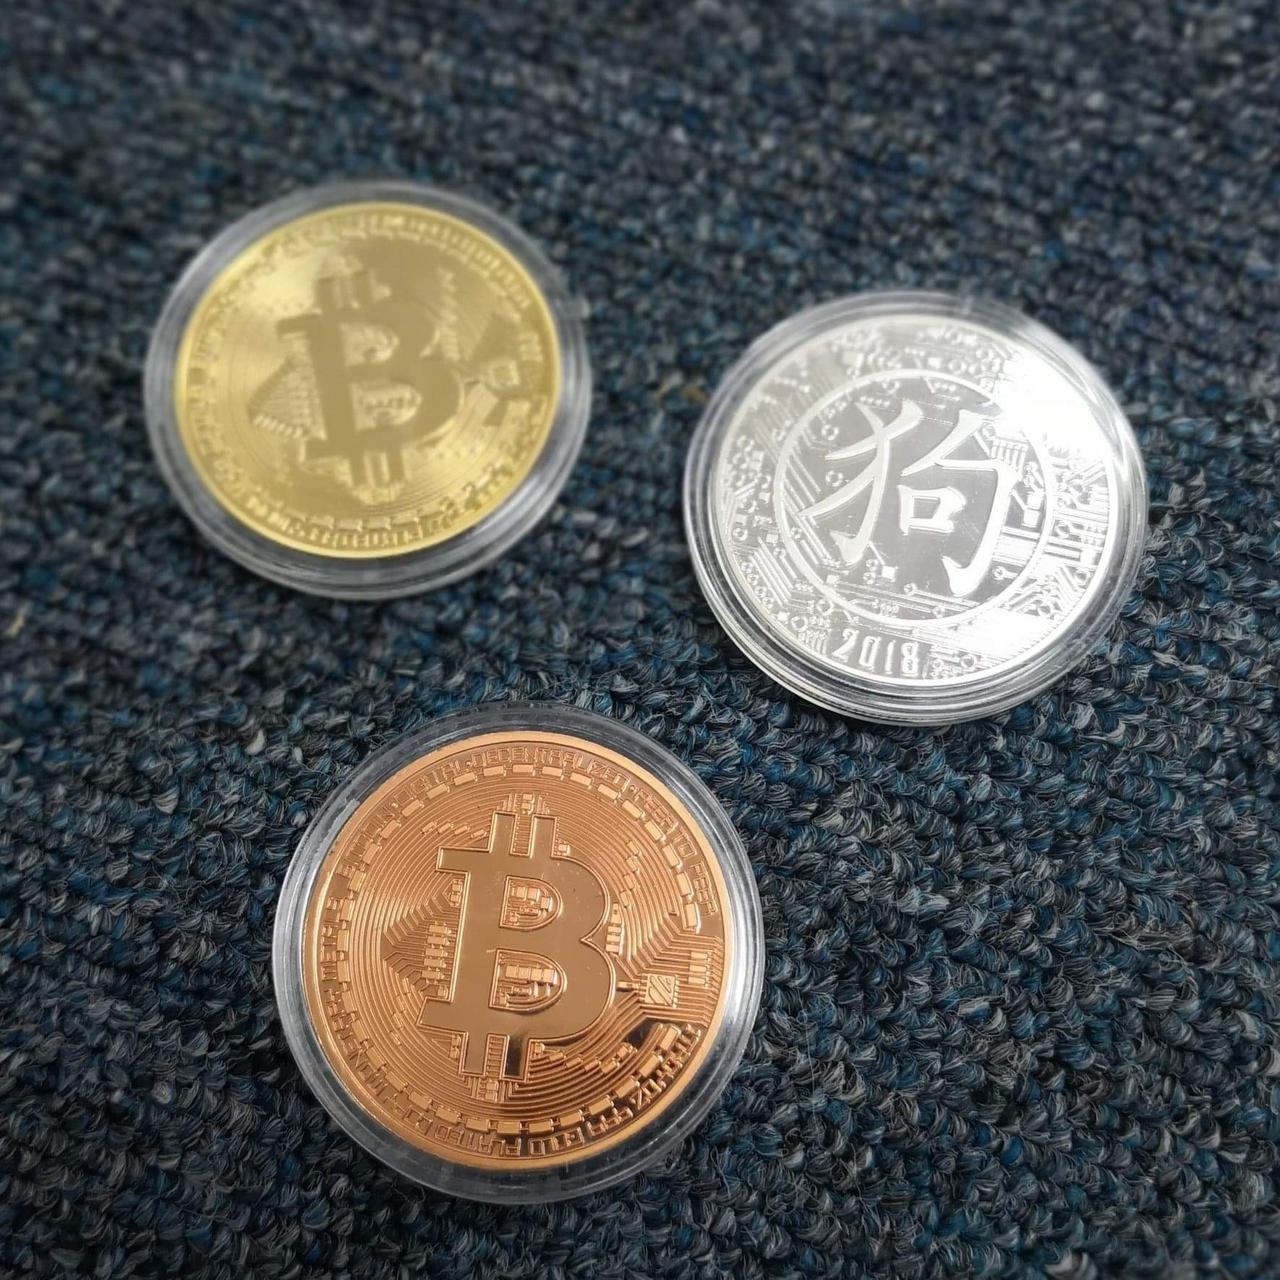 これが本物のビットコイン!?仮想通貨を現実世界でも実物で入手してみた!